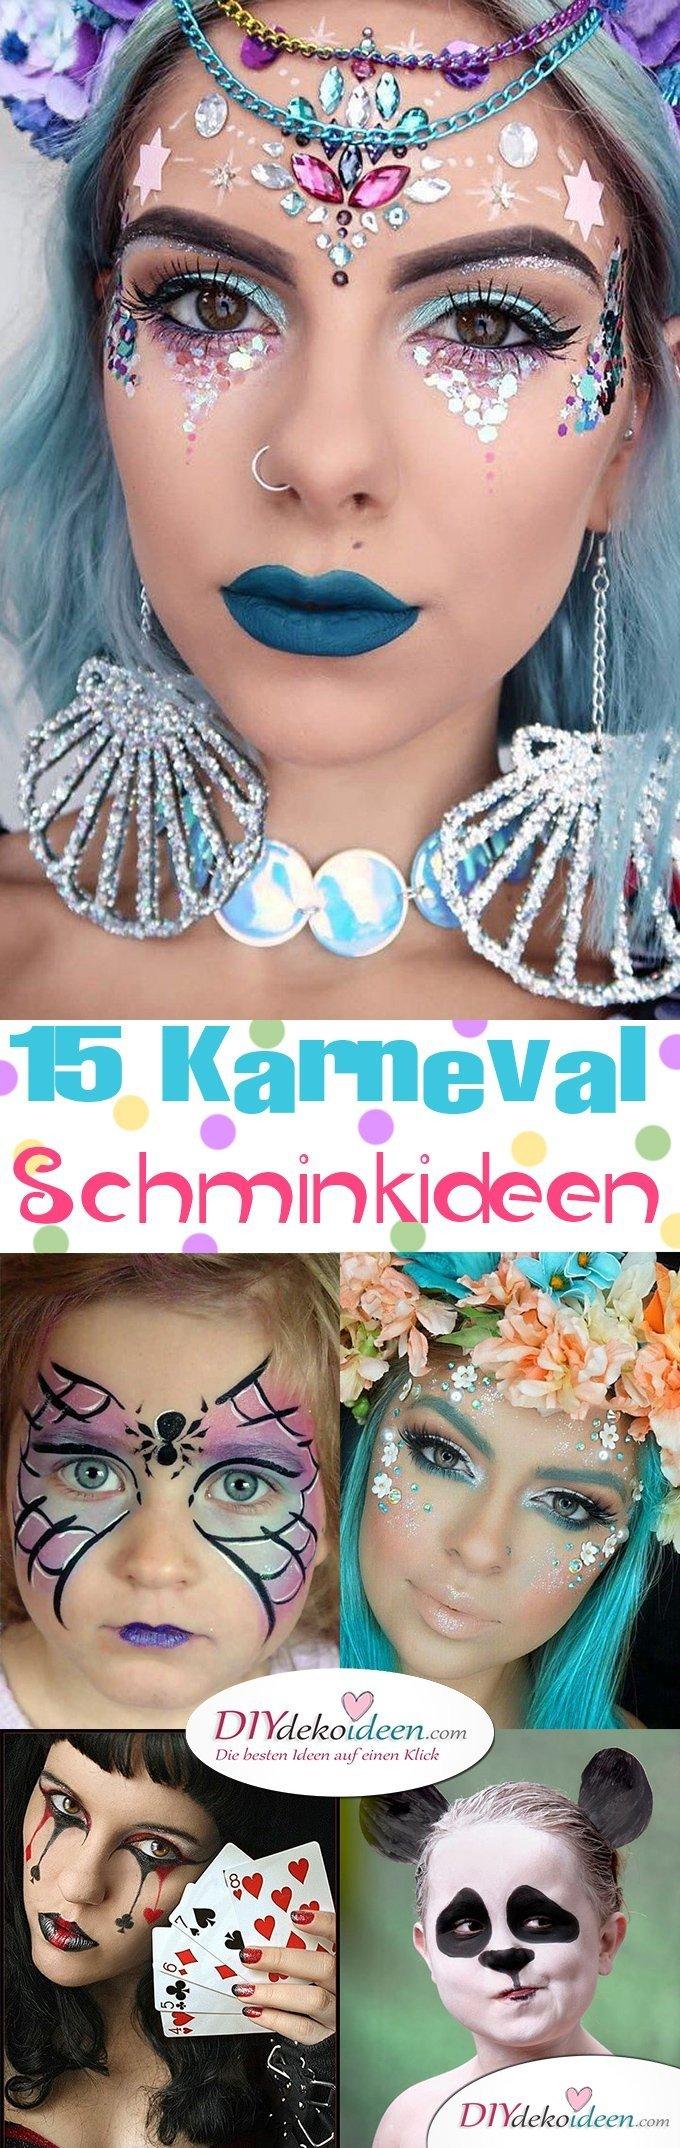 15+ Karneval Schminkideen, Fee Make up, Karneval, Schminktipps, Fasching Schminken, Make up Fasching, Karneval Kostüm Ideen,